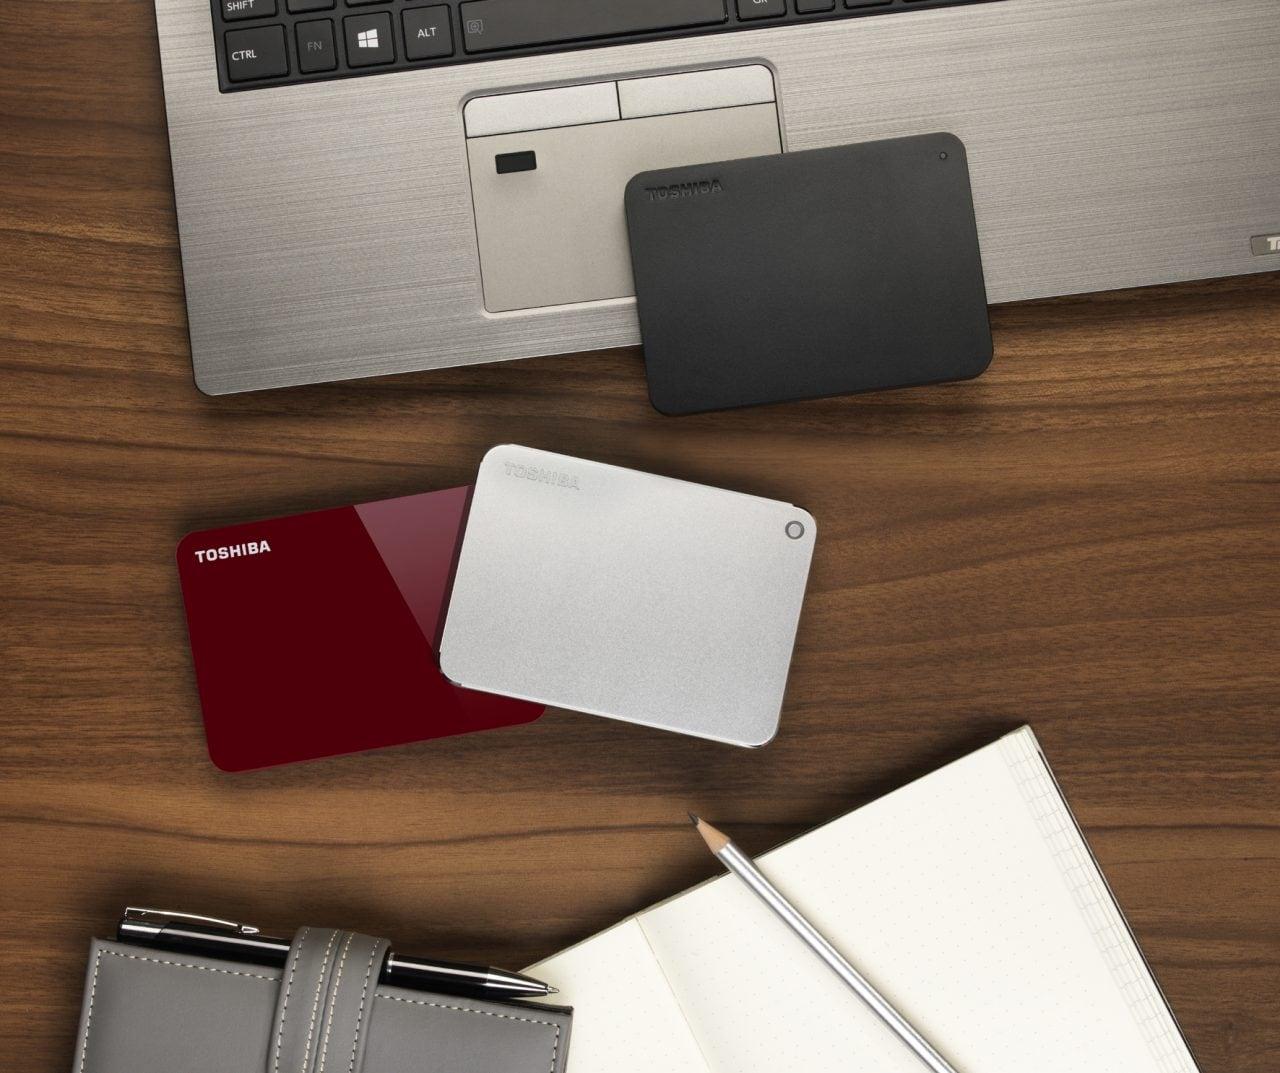 Toshiba presenta i nuovi hard disk portatili della serie Canvio: nuovo design sempre più sottile (foto)